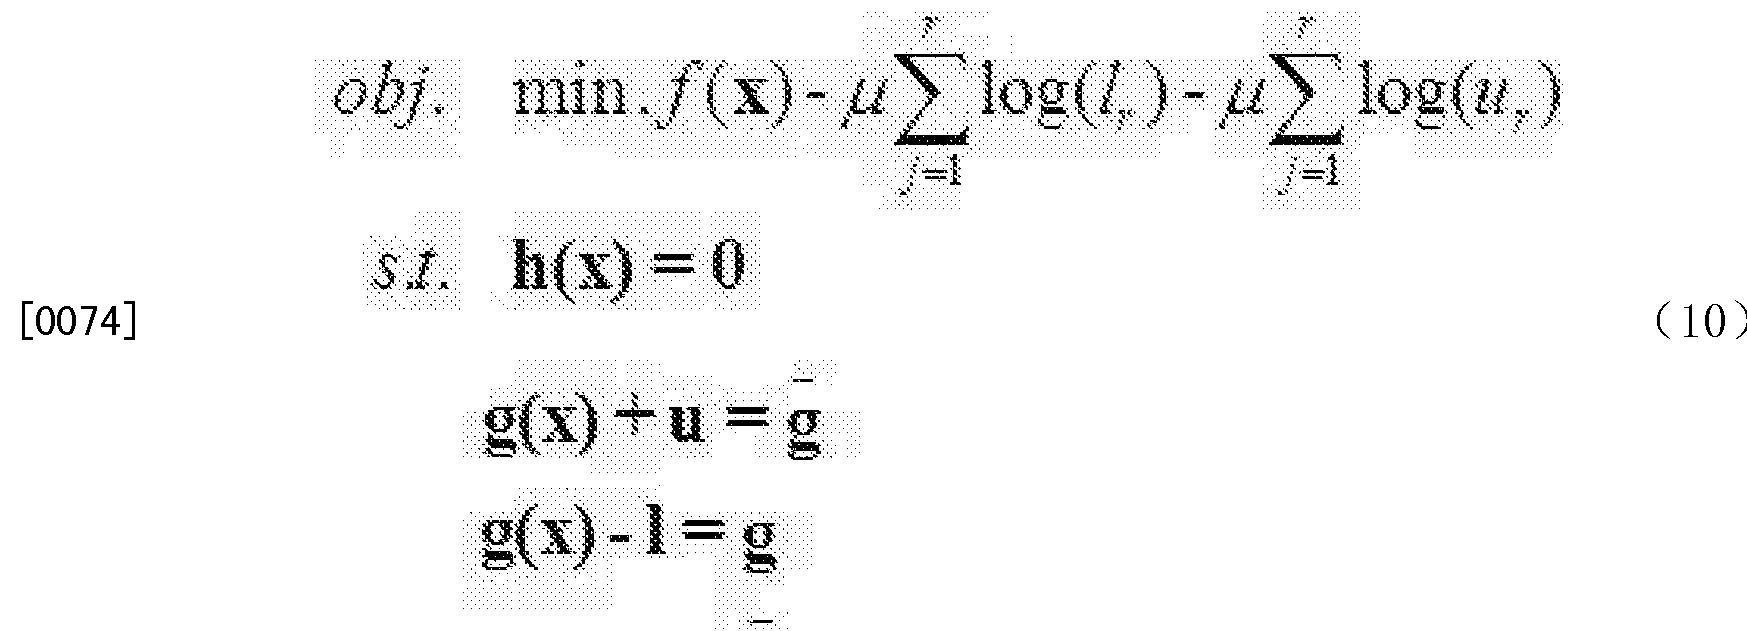 Figure CN103439941BD00122